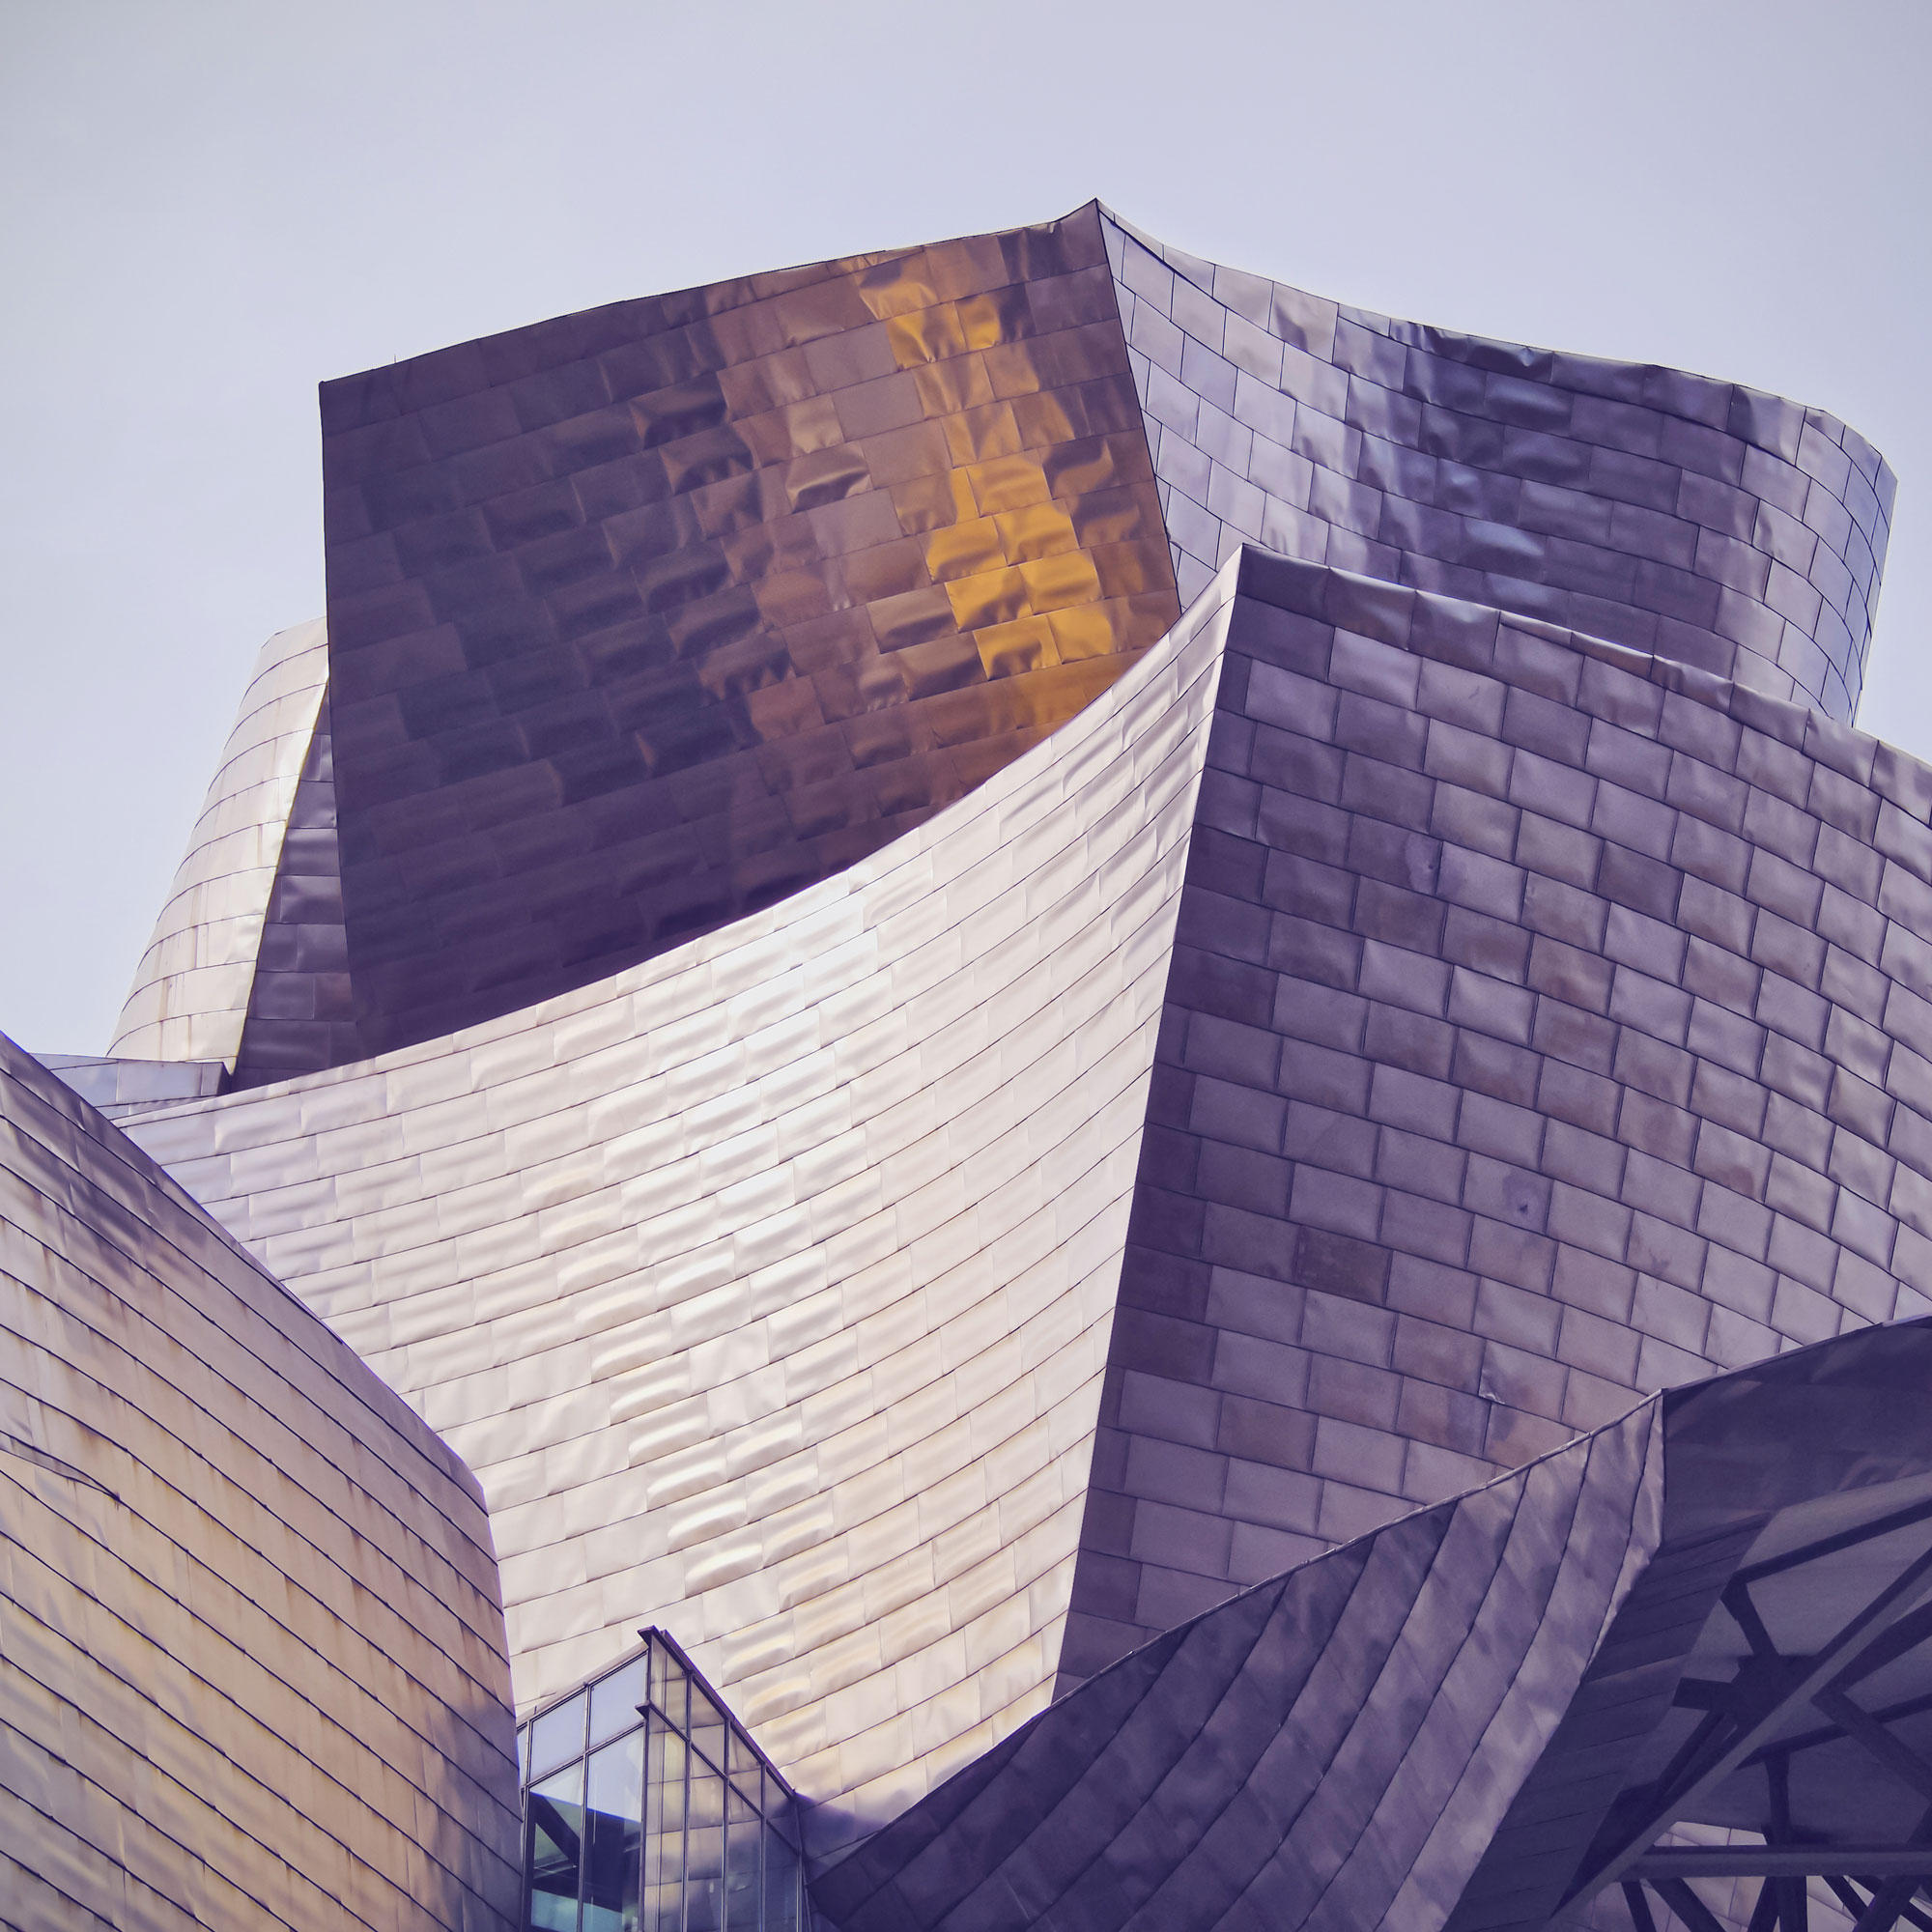 Bilbao: Guggenheim Museum